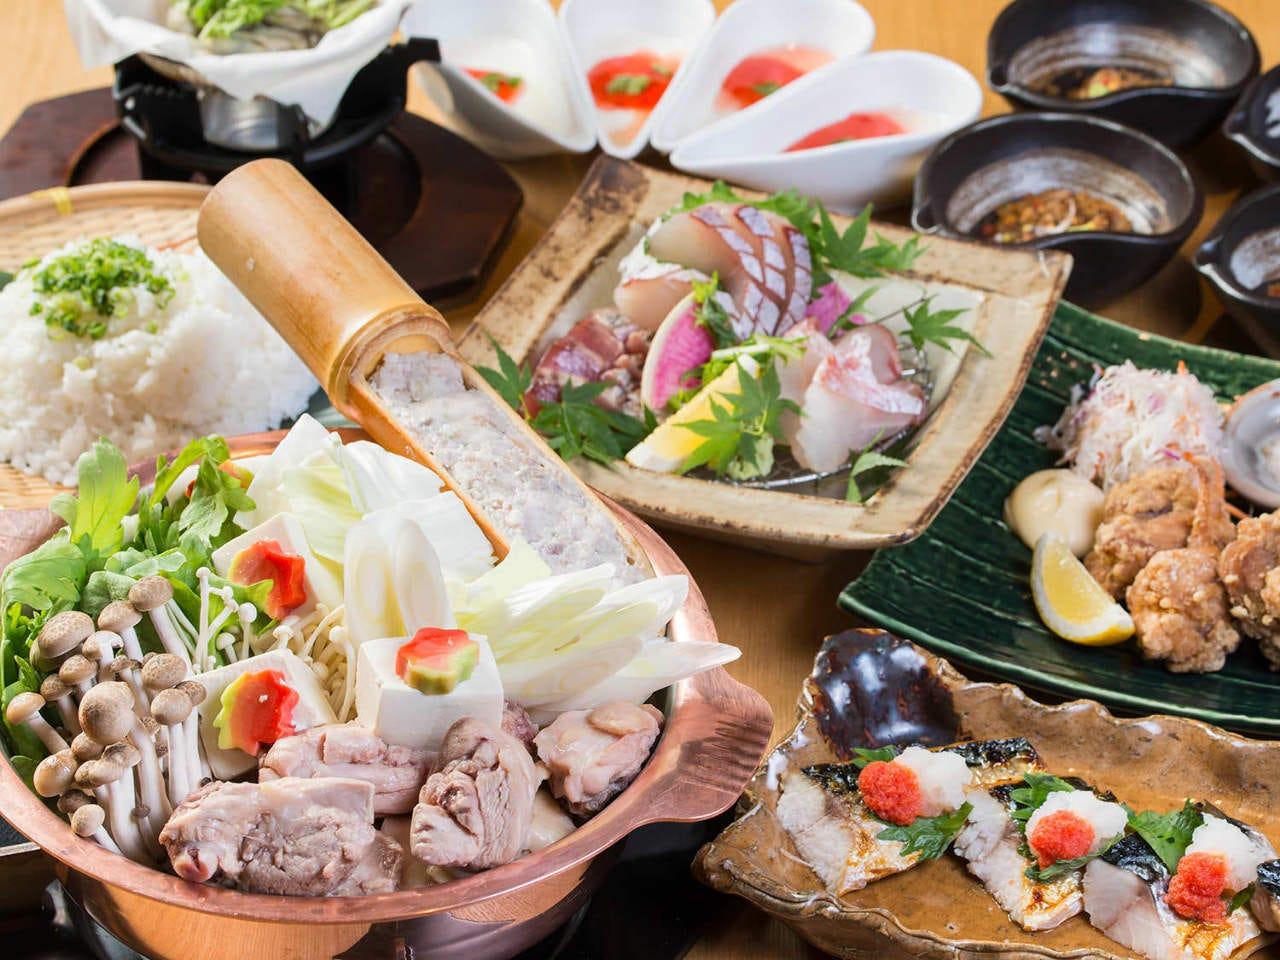 博多 名物水炊き鍋をはじめ九州名物を盛り込んだ定番セット